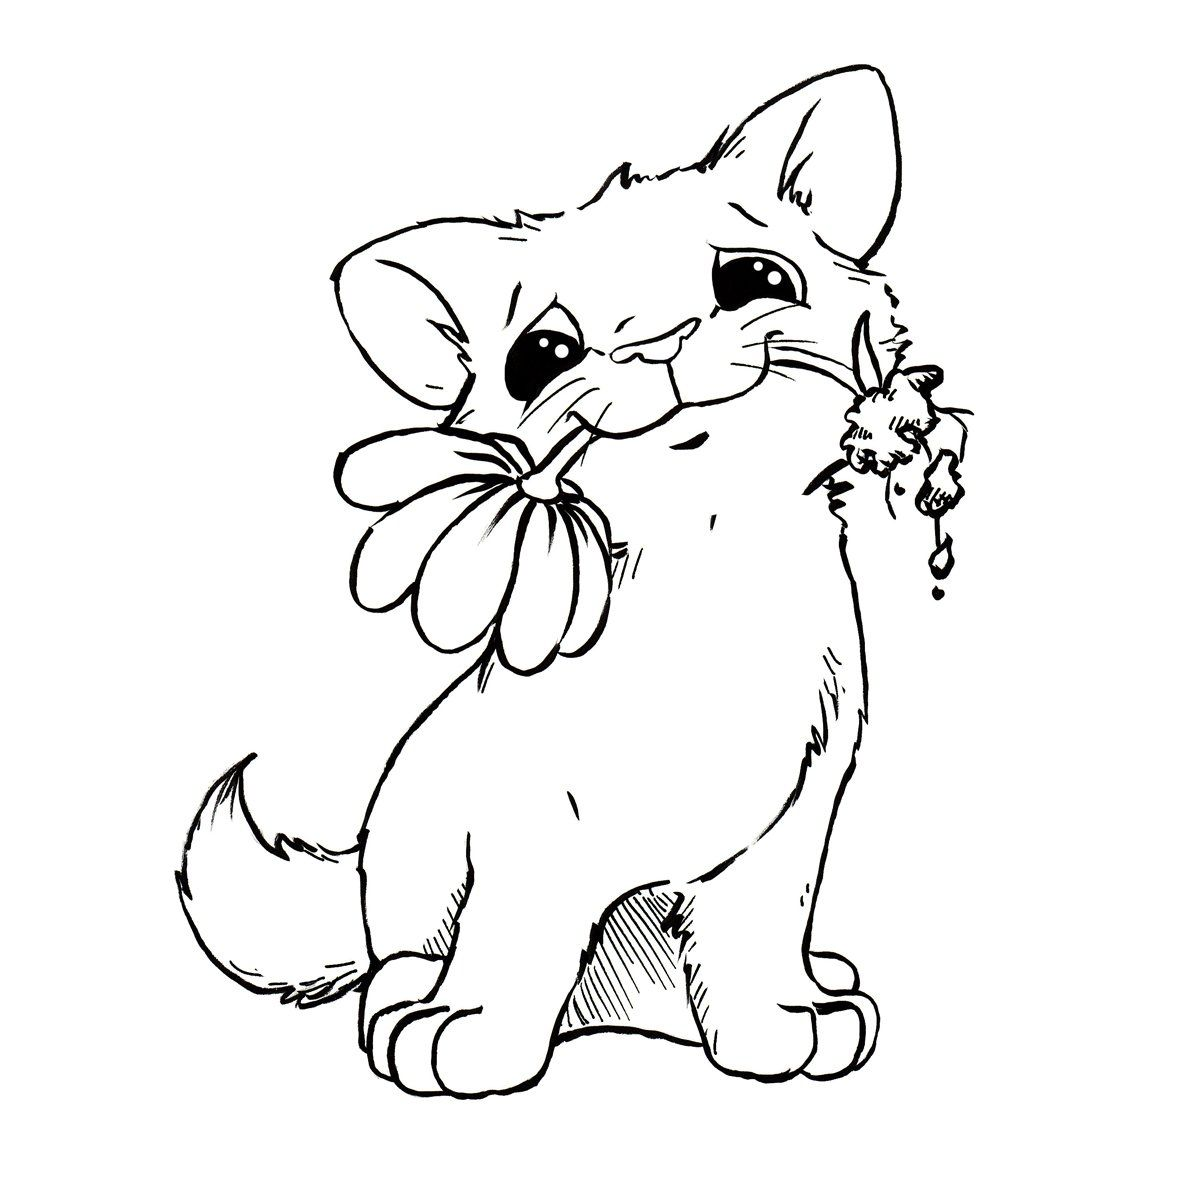 Ausmalbilder Von Katzen Und Hunden : Http S45 Radikal Ru I108 1102 2f 7ccbbfc57fe6 Jpg More